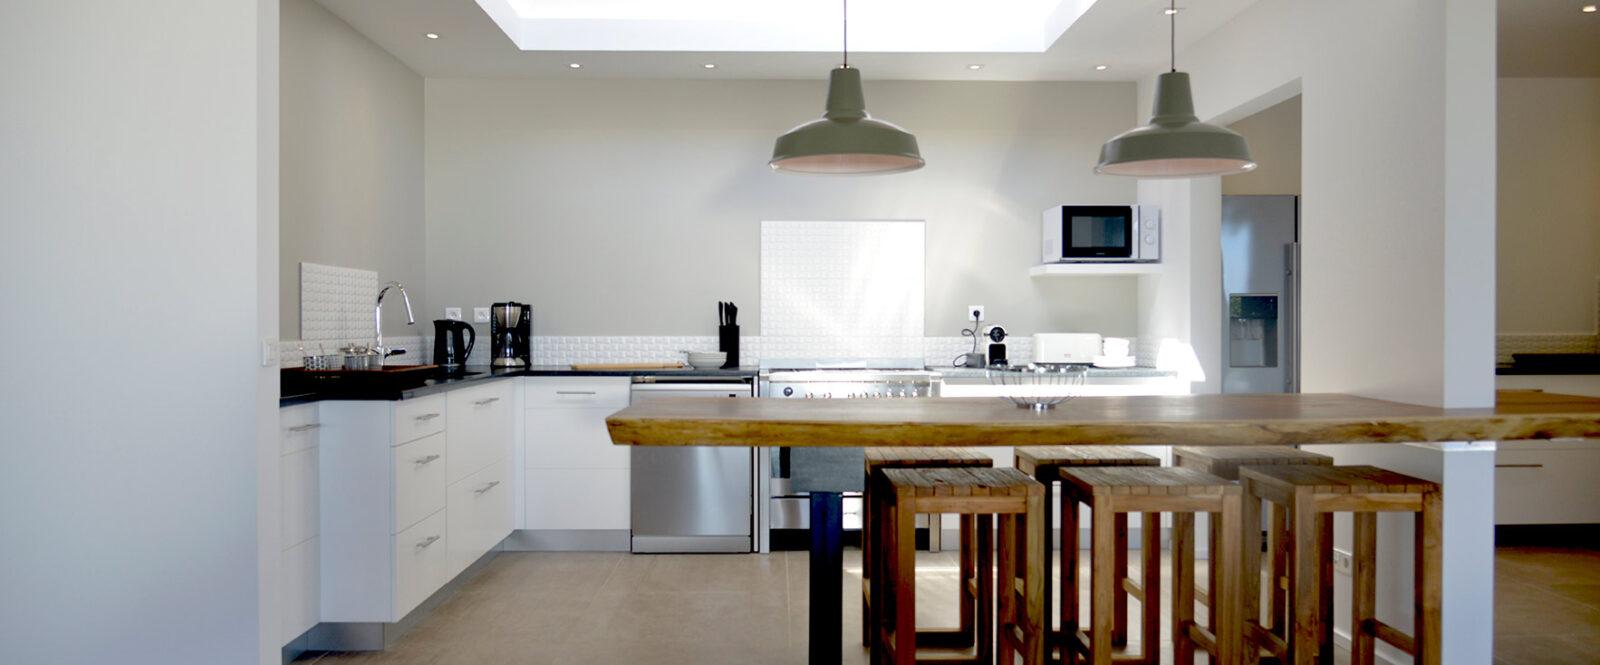 ALPAKA - kitchen-3